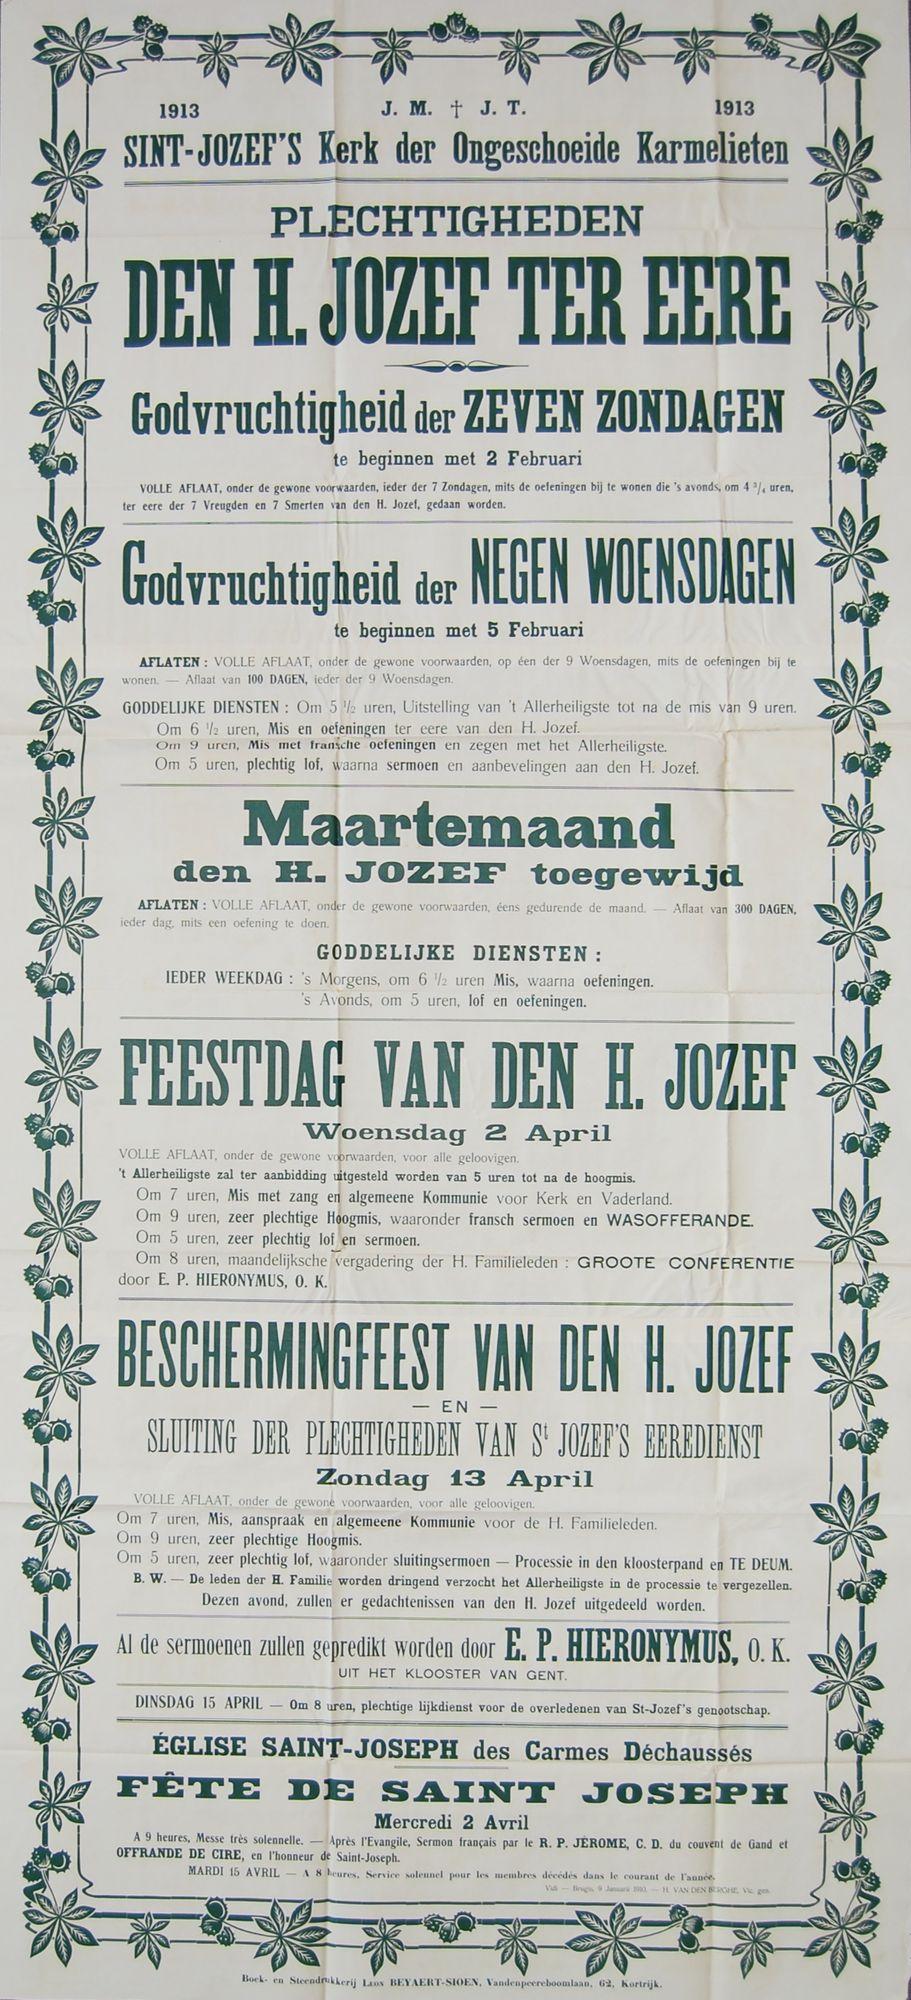 Plechtigheden Sint-Jozefskerk in 1913